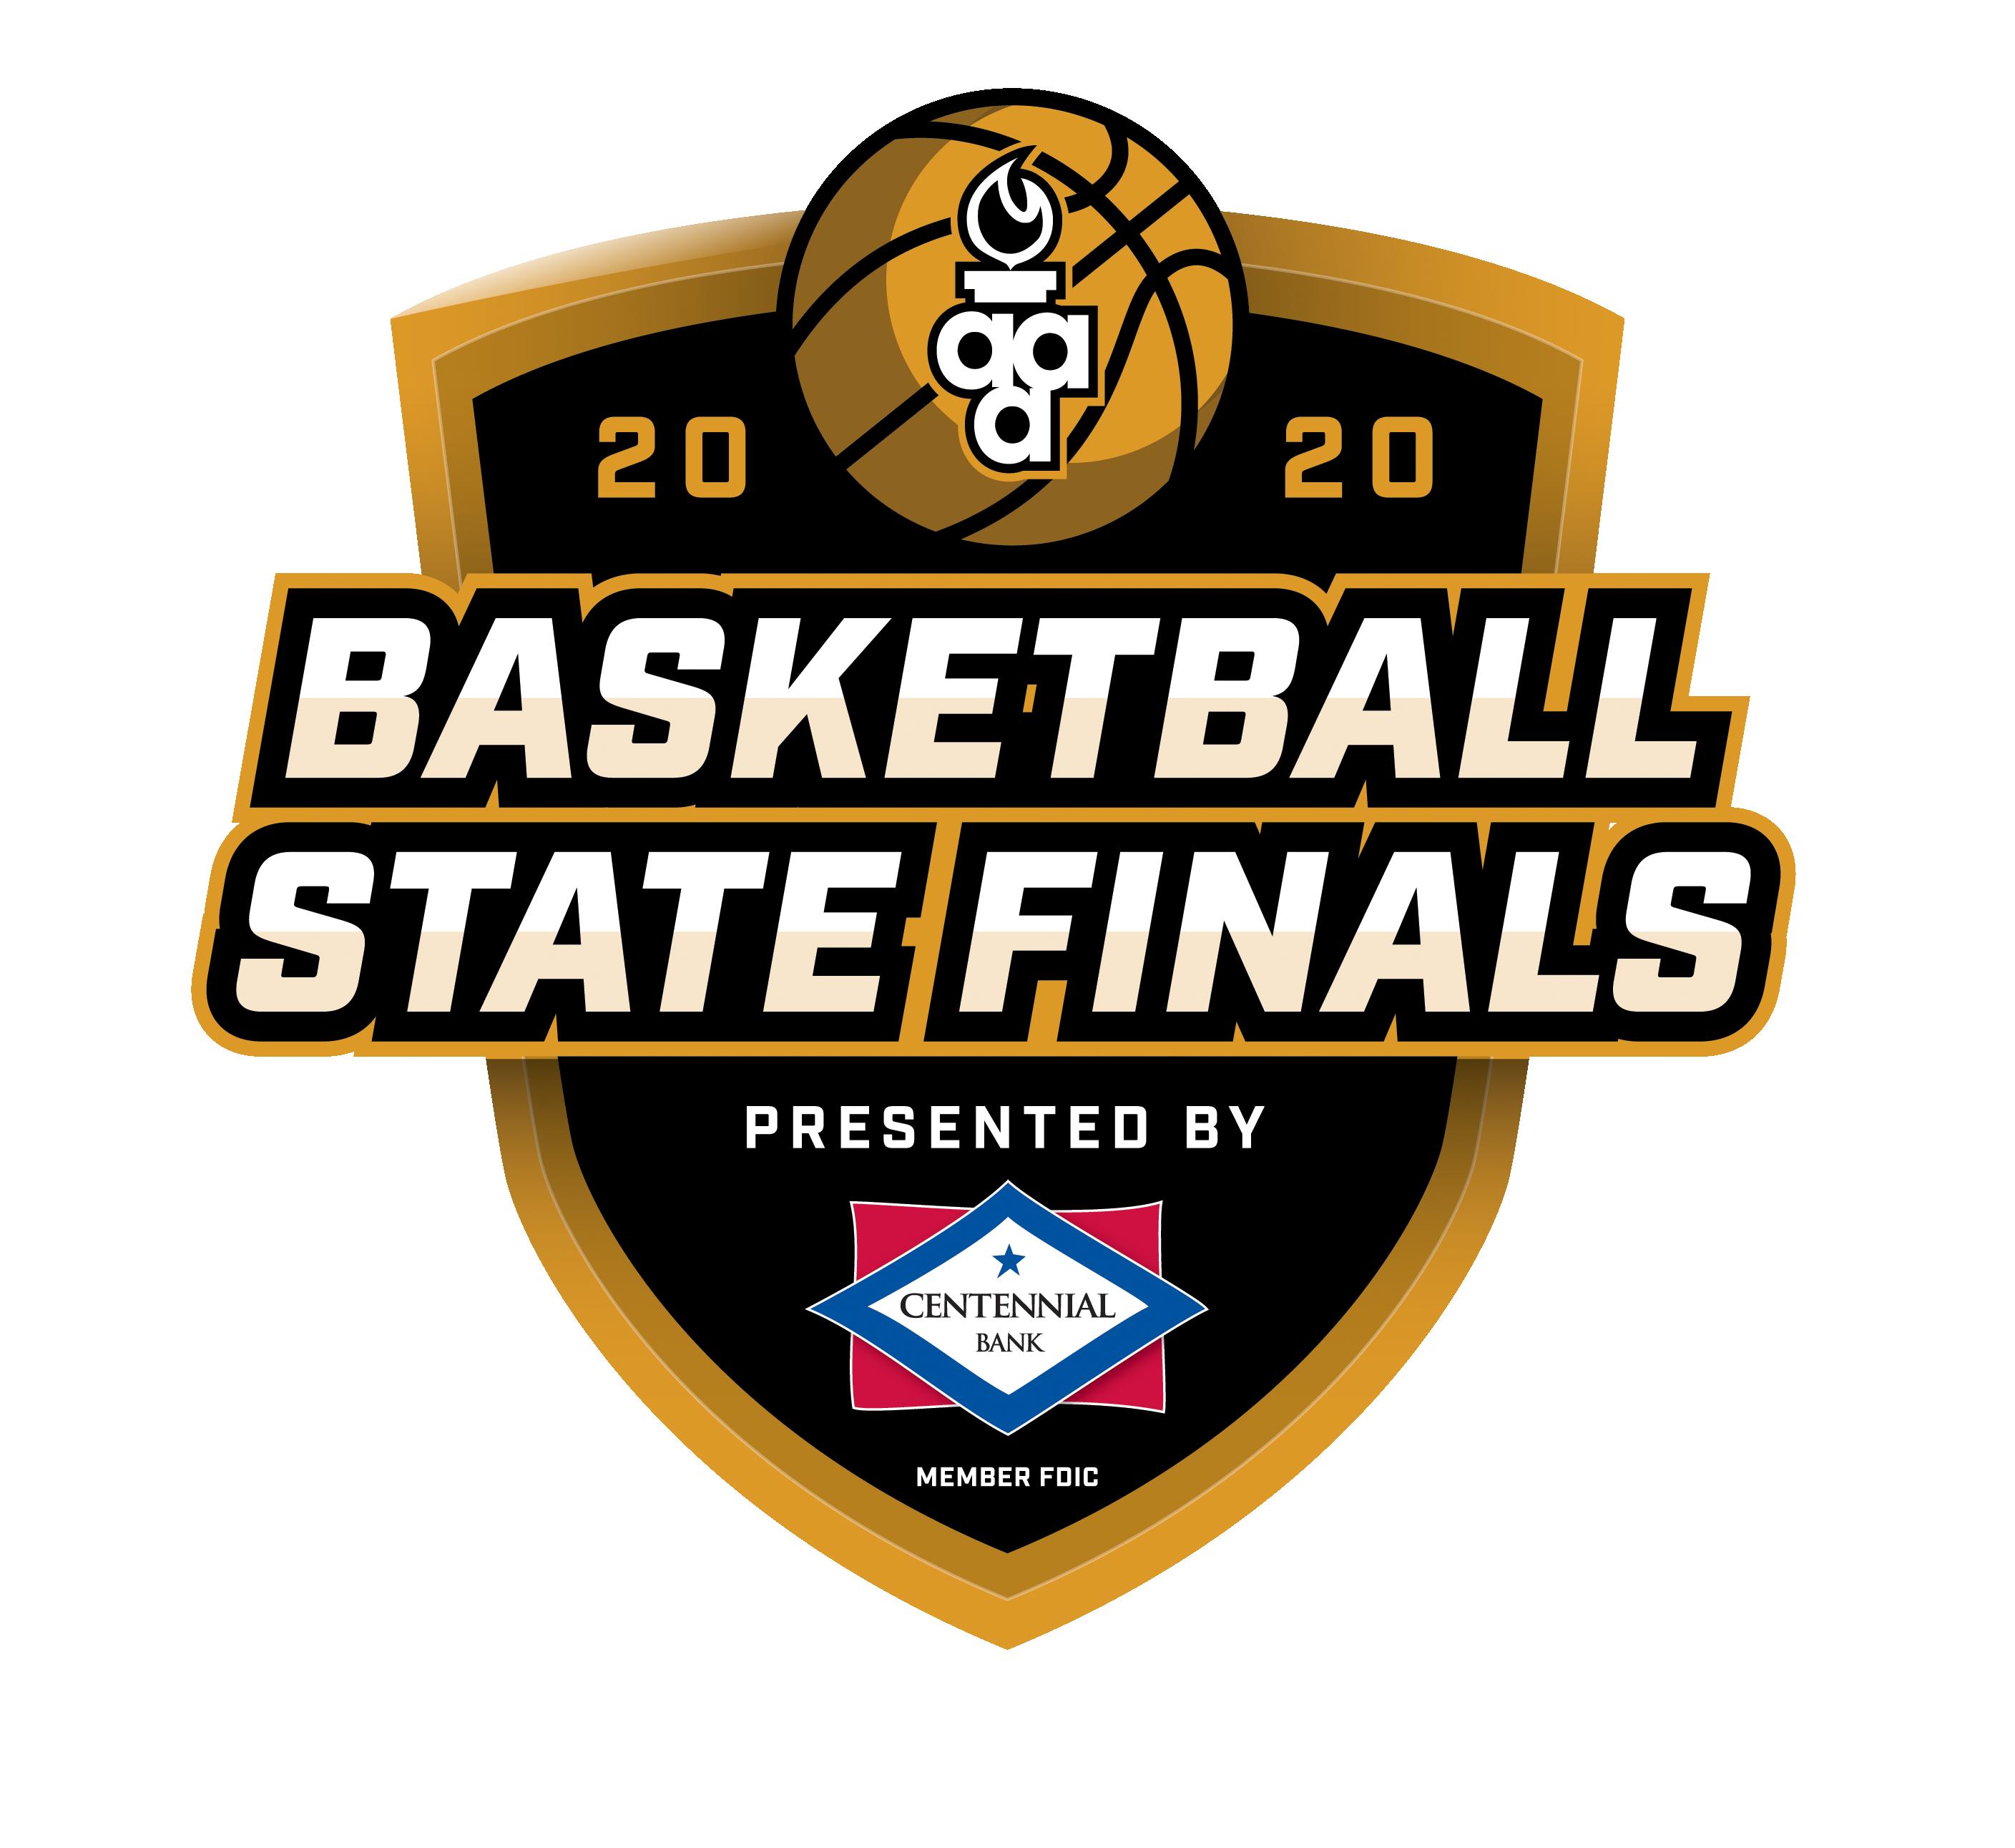 2020 Basketball Finals